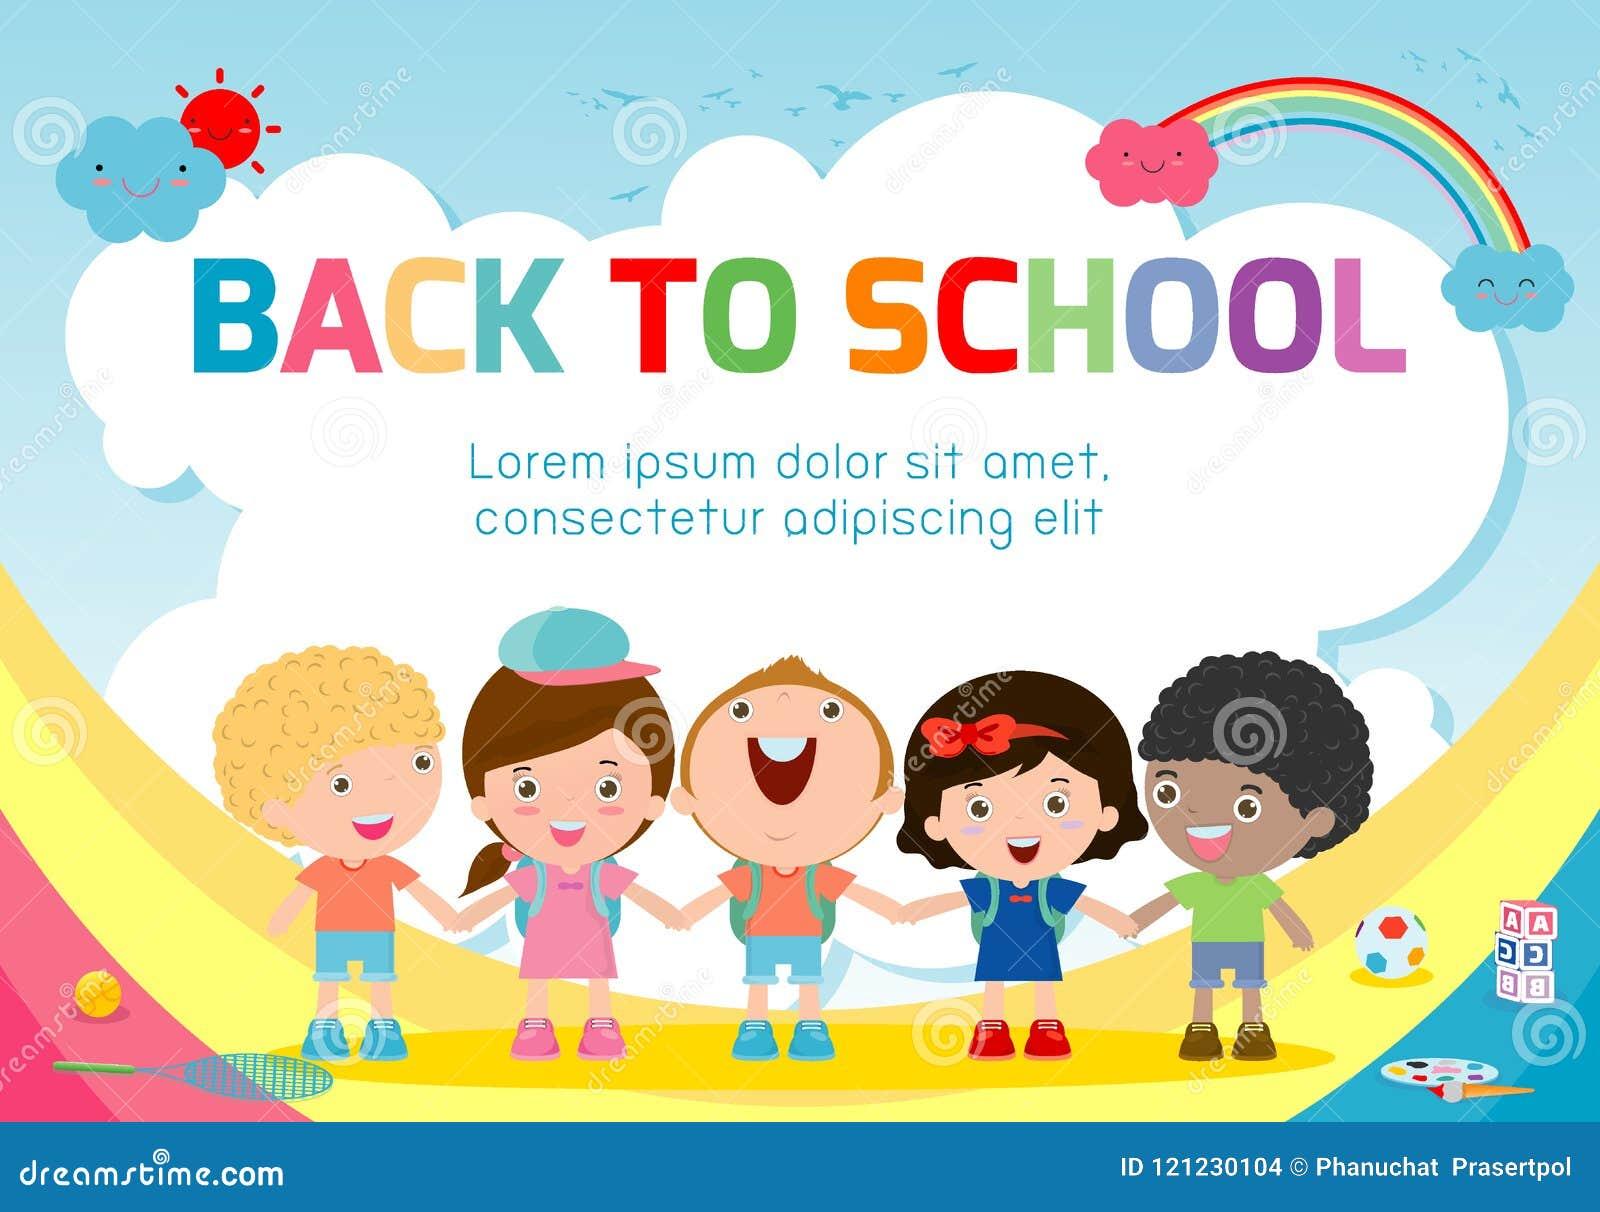 Bildungsgegenstand an zurück zu Schulhintergrund, zurück zu Schule, scherzt Händchenhalten, Bildungskonzept, Schablone